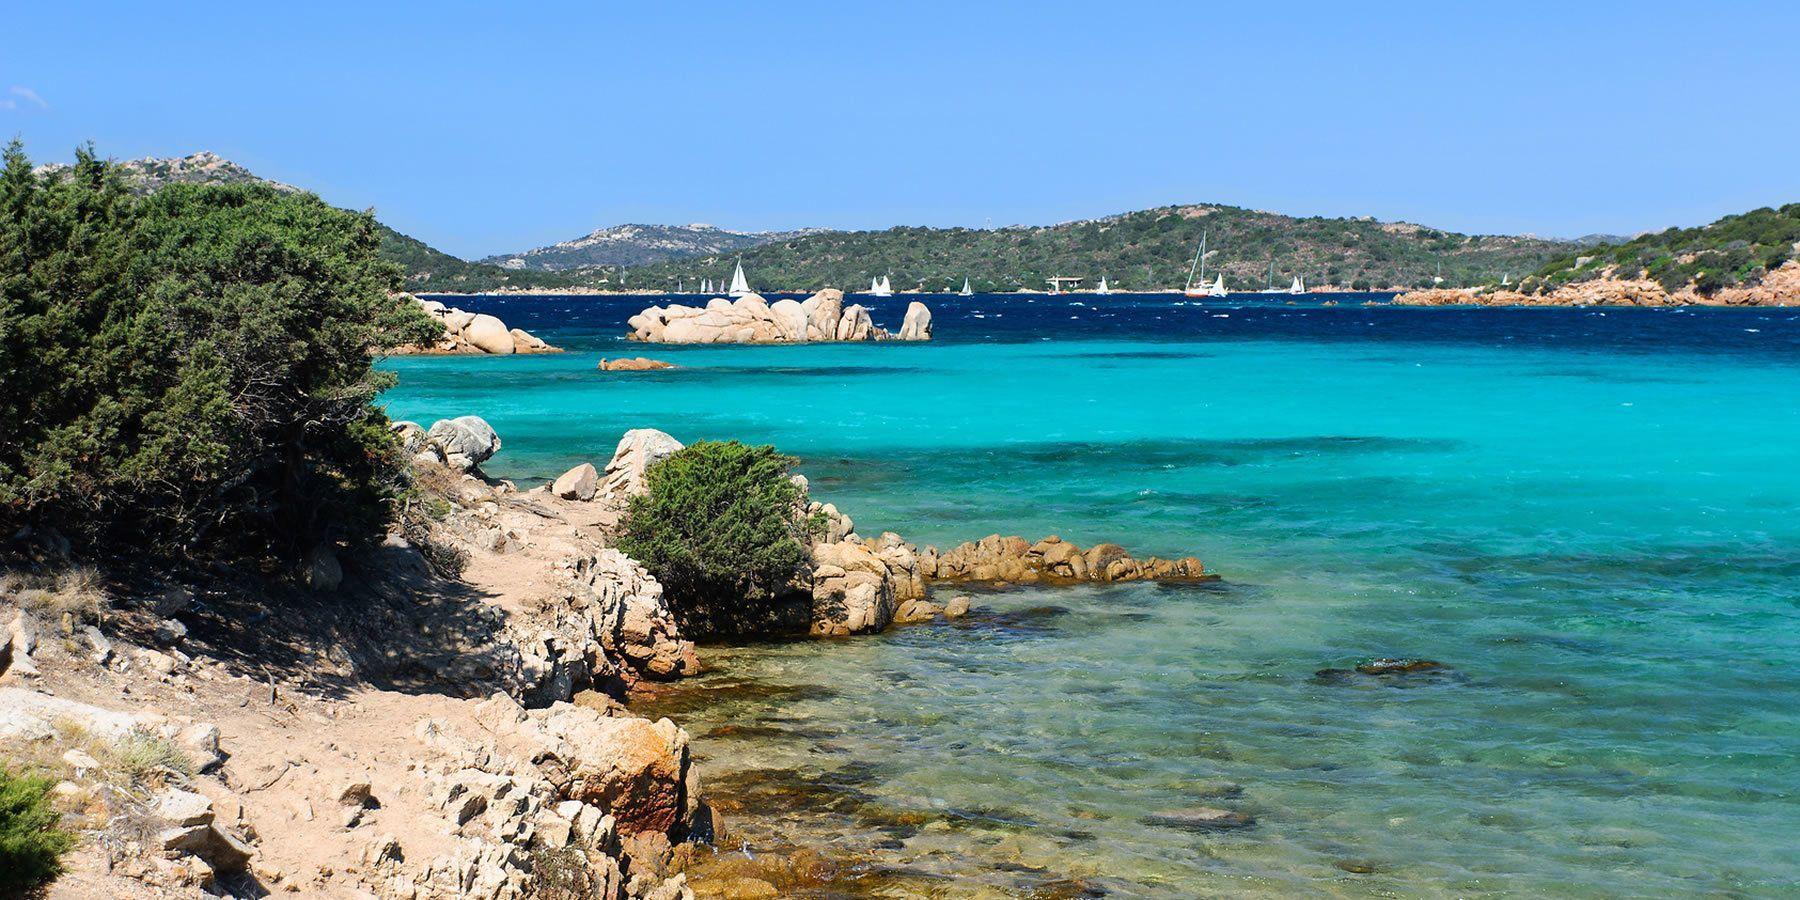 Sardegna Del Nord Cartina.Cartina Della Sardegna Del Nord I Luoghi E Le Spiagge Da Visitare Avitur